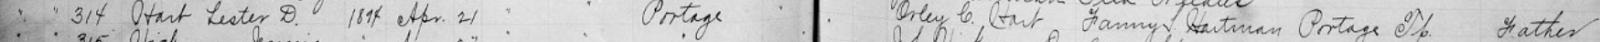 Climbing My Family Tree: Closeup of Lester Dene Hart Birth Record